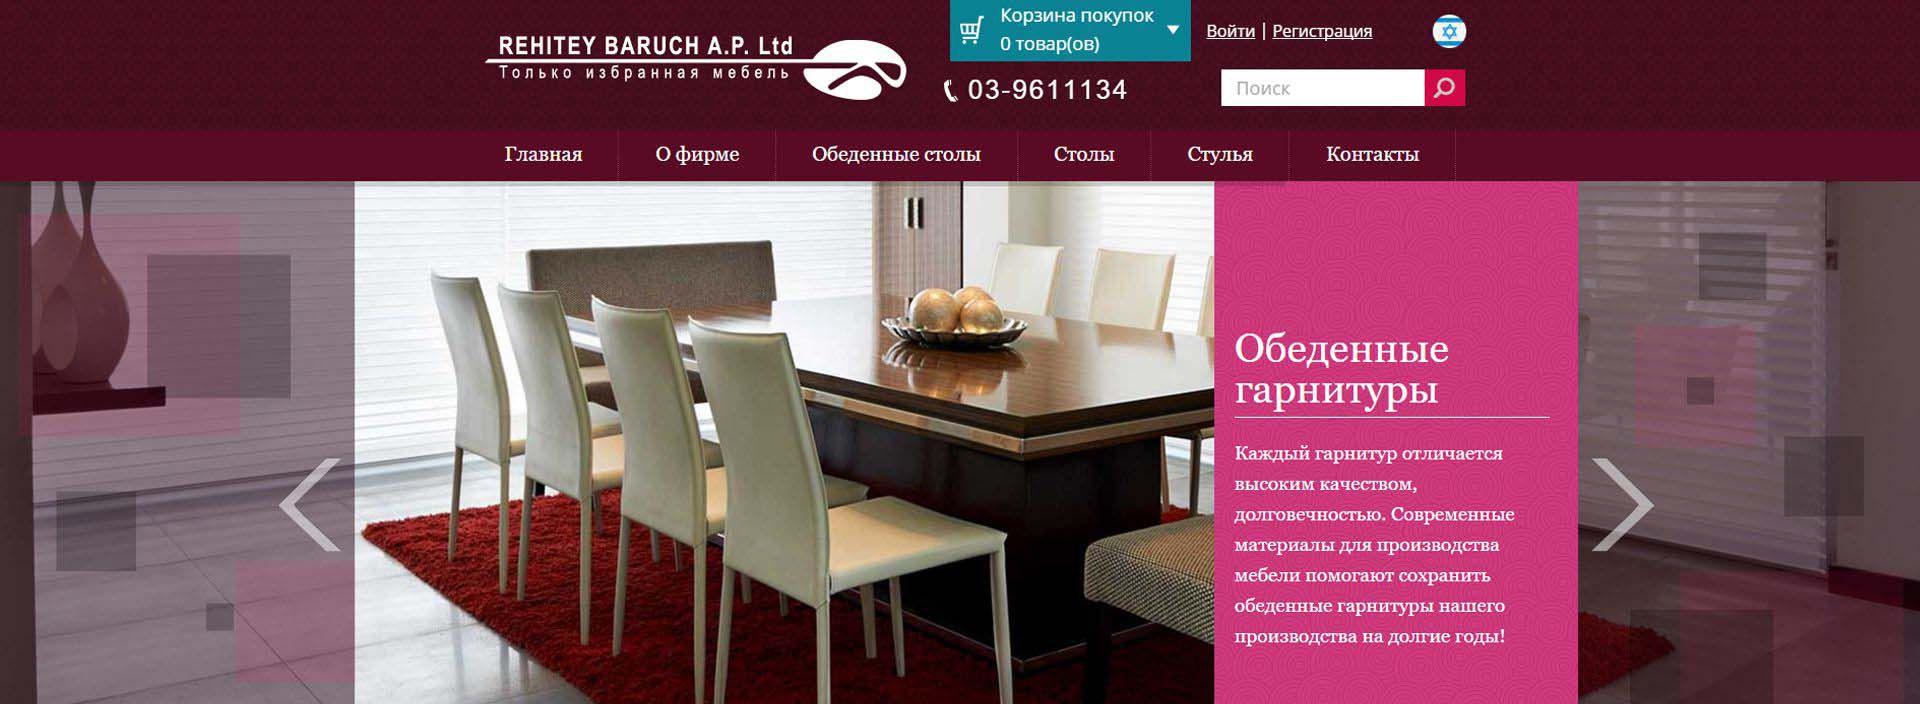 baruch.org.il